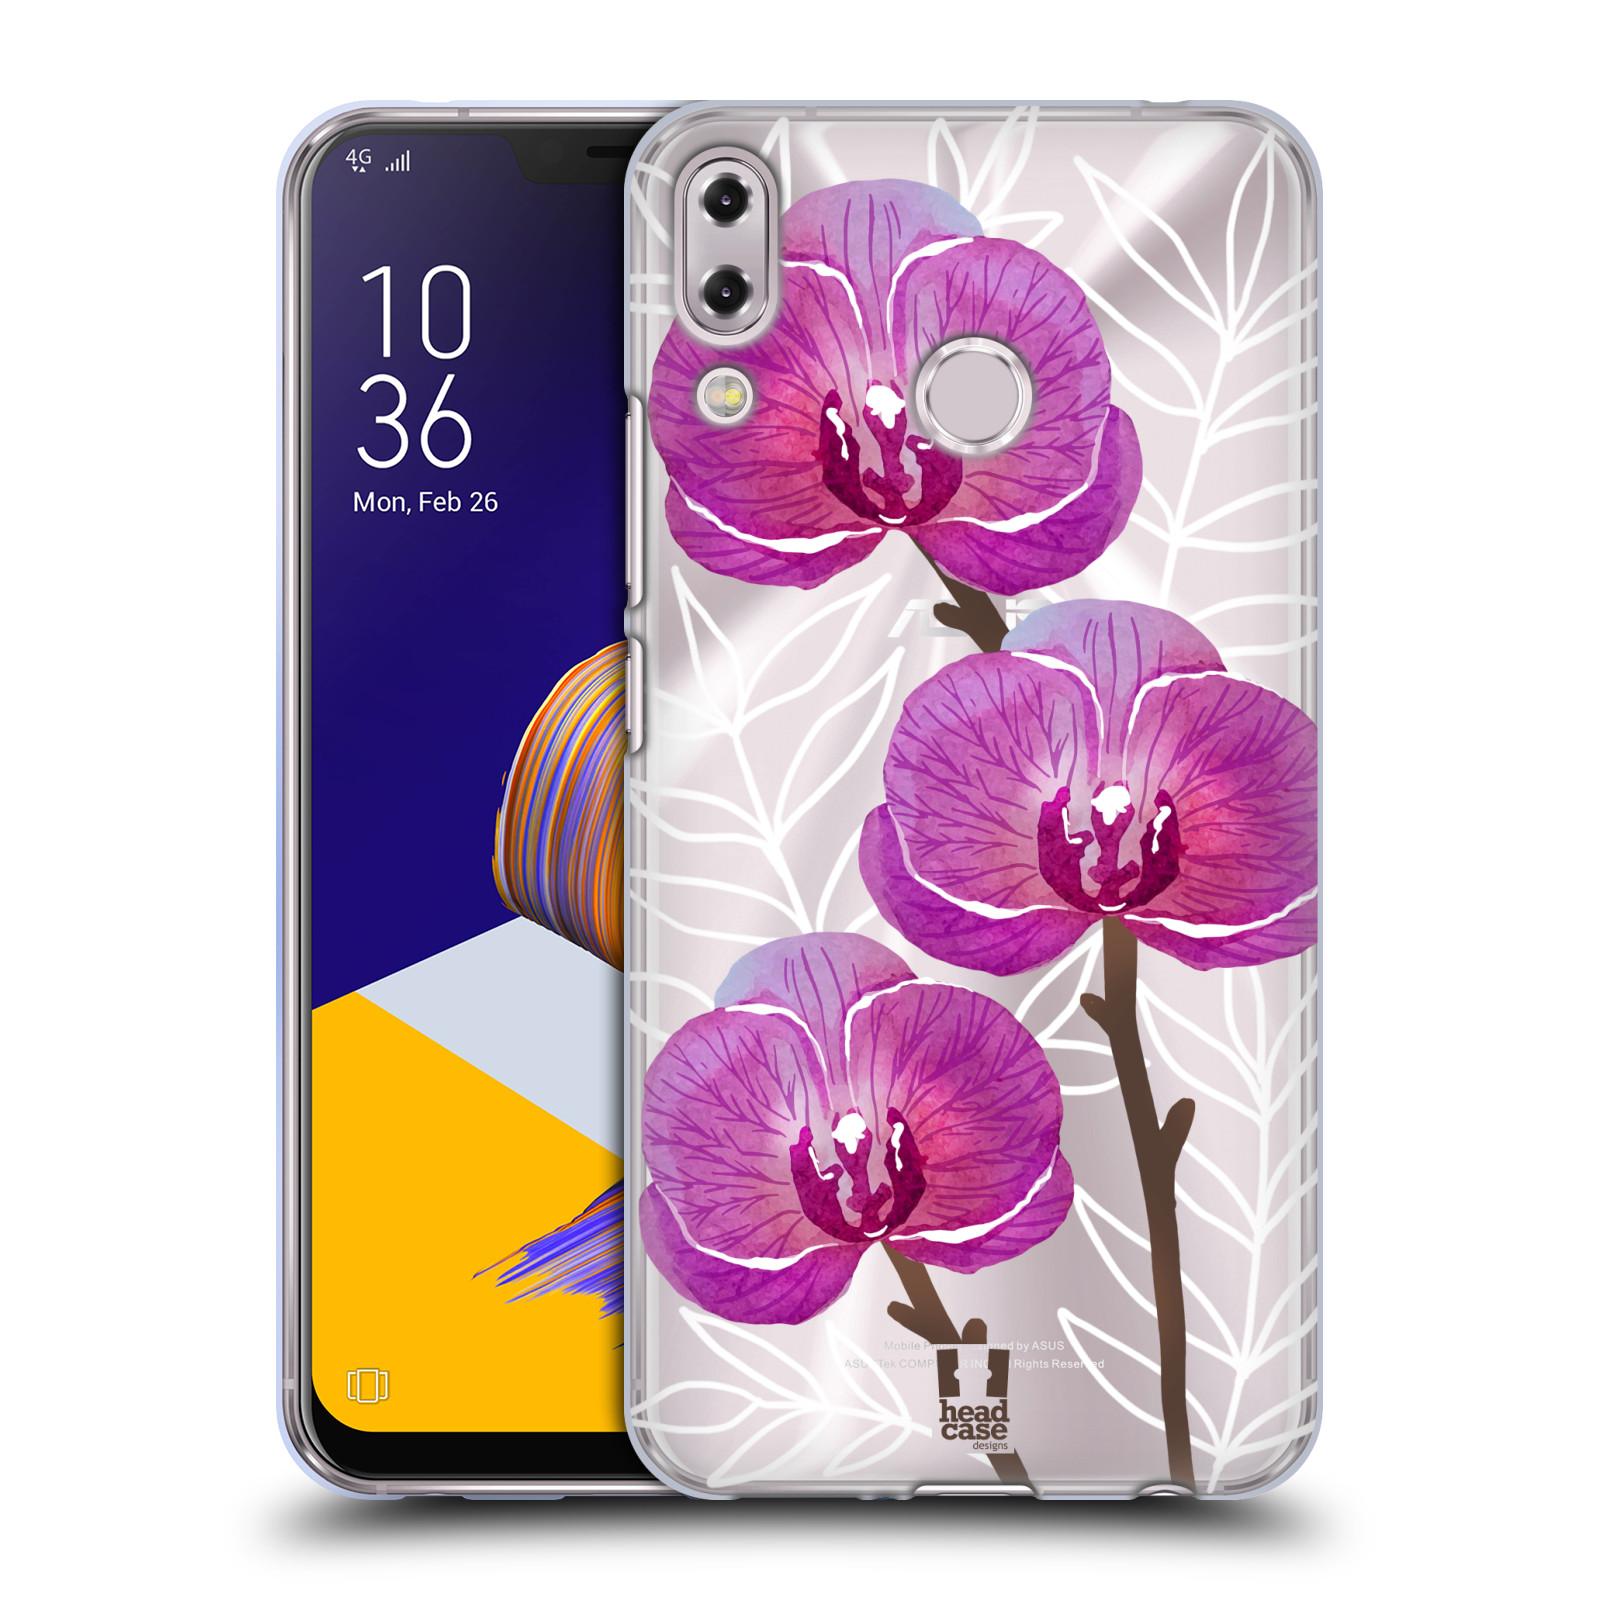 Silikonové pouzdro na mobil Asus Zenfone 5z ZS620KL - Head Case - Hezoučké kvítky - průhledné